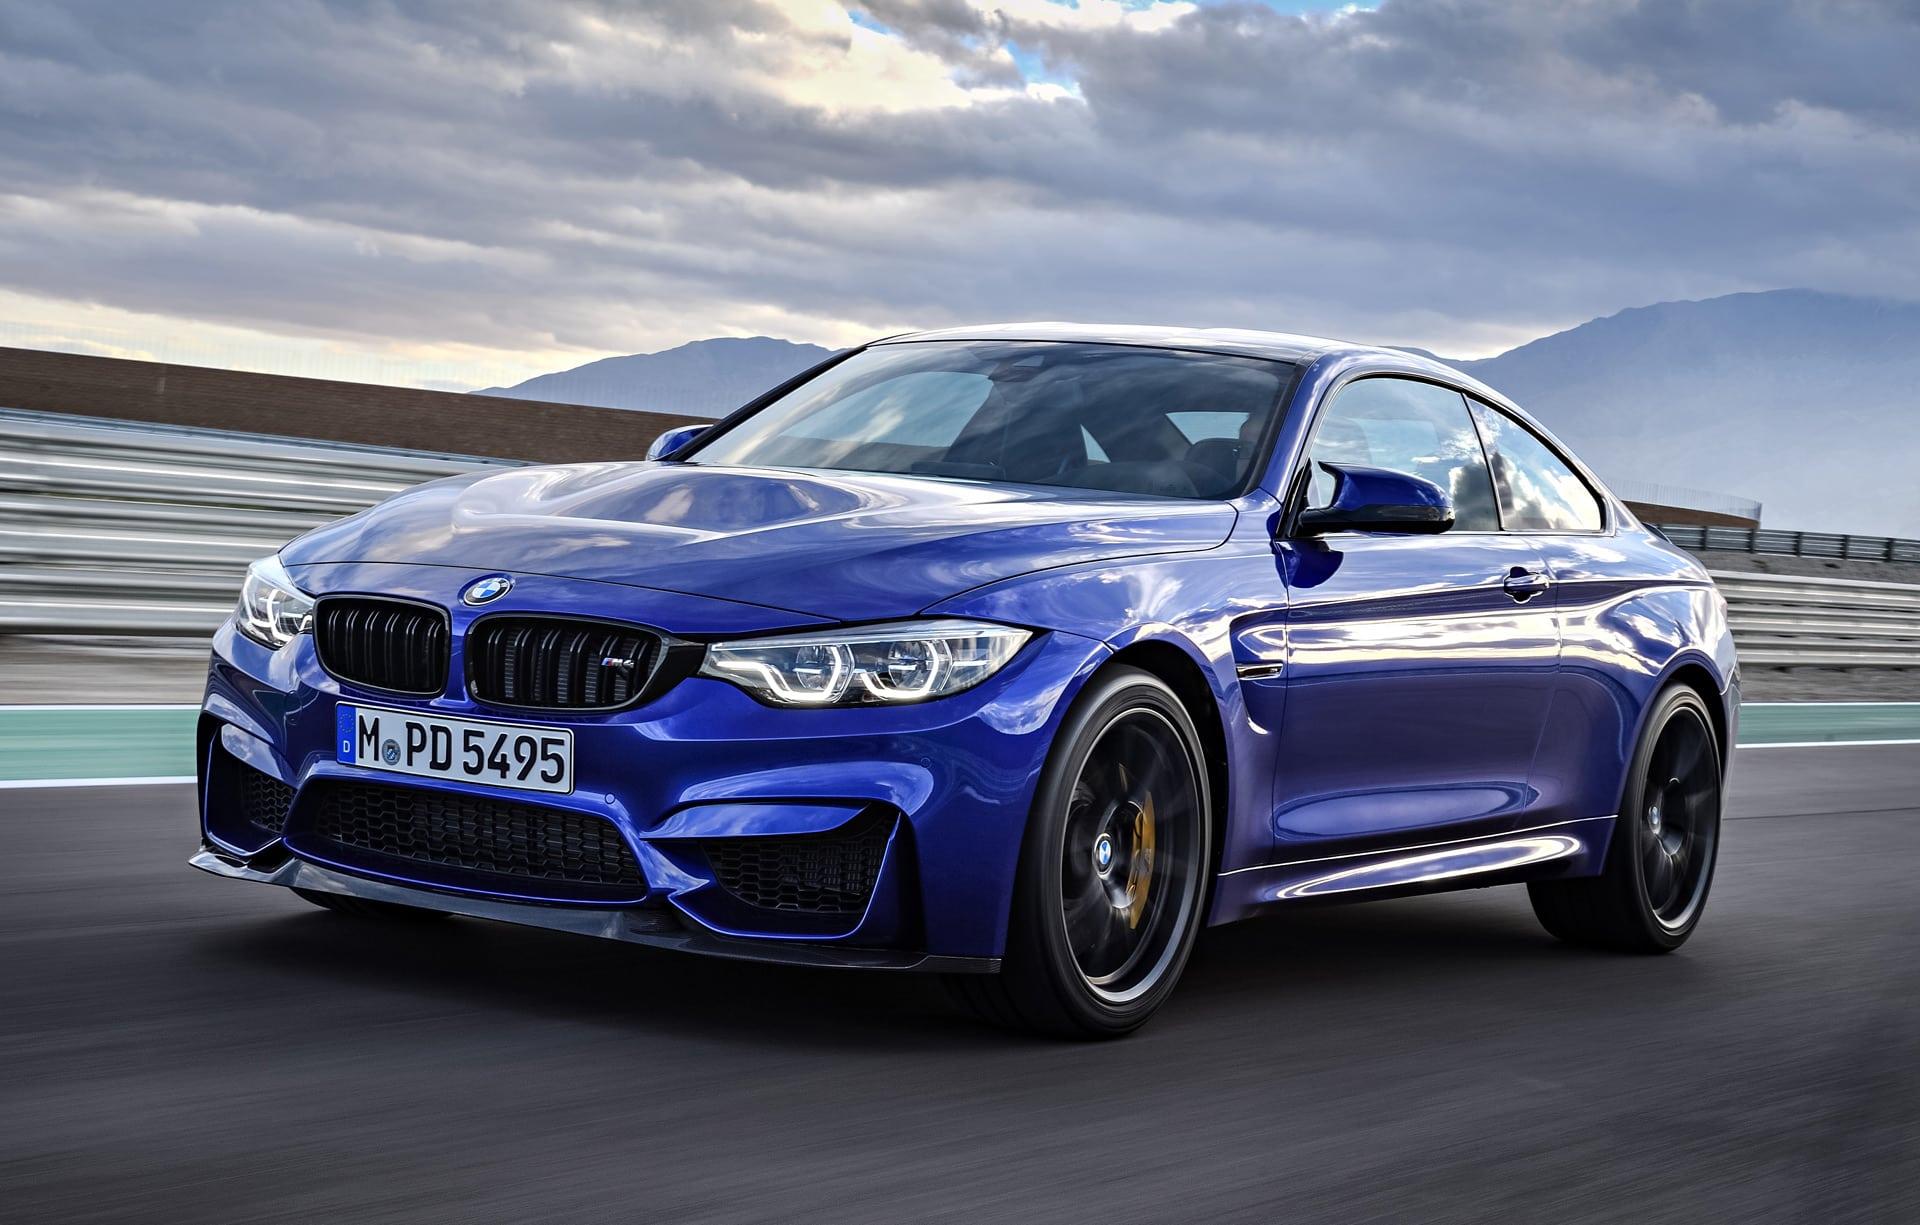 2020 BMW M4 Powertrain